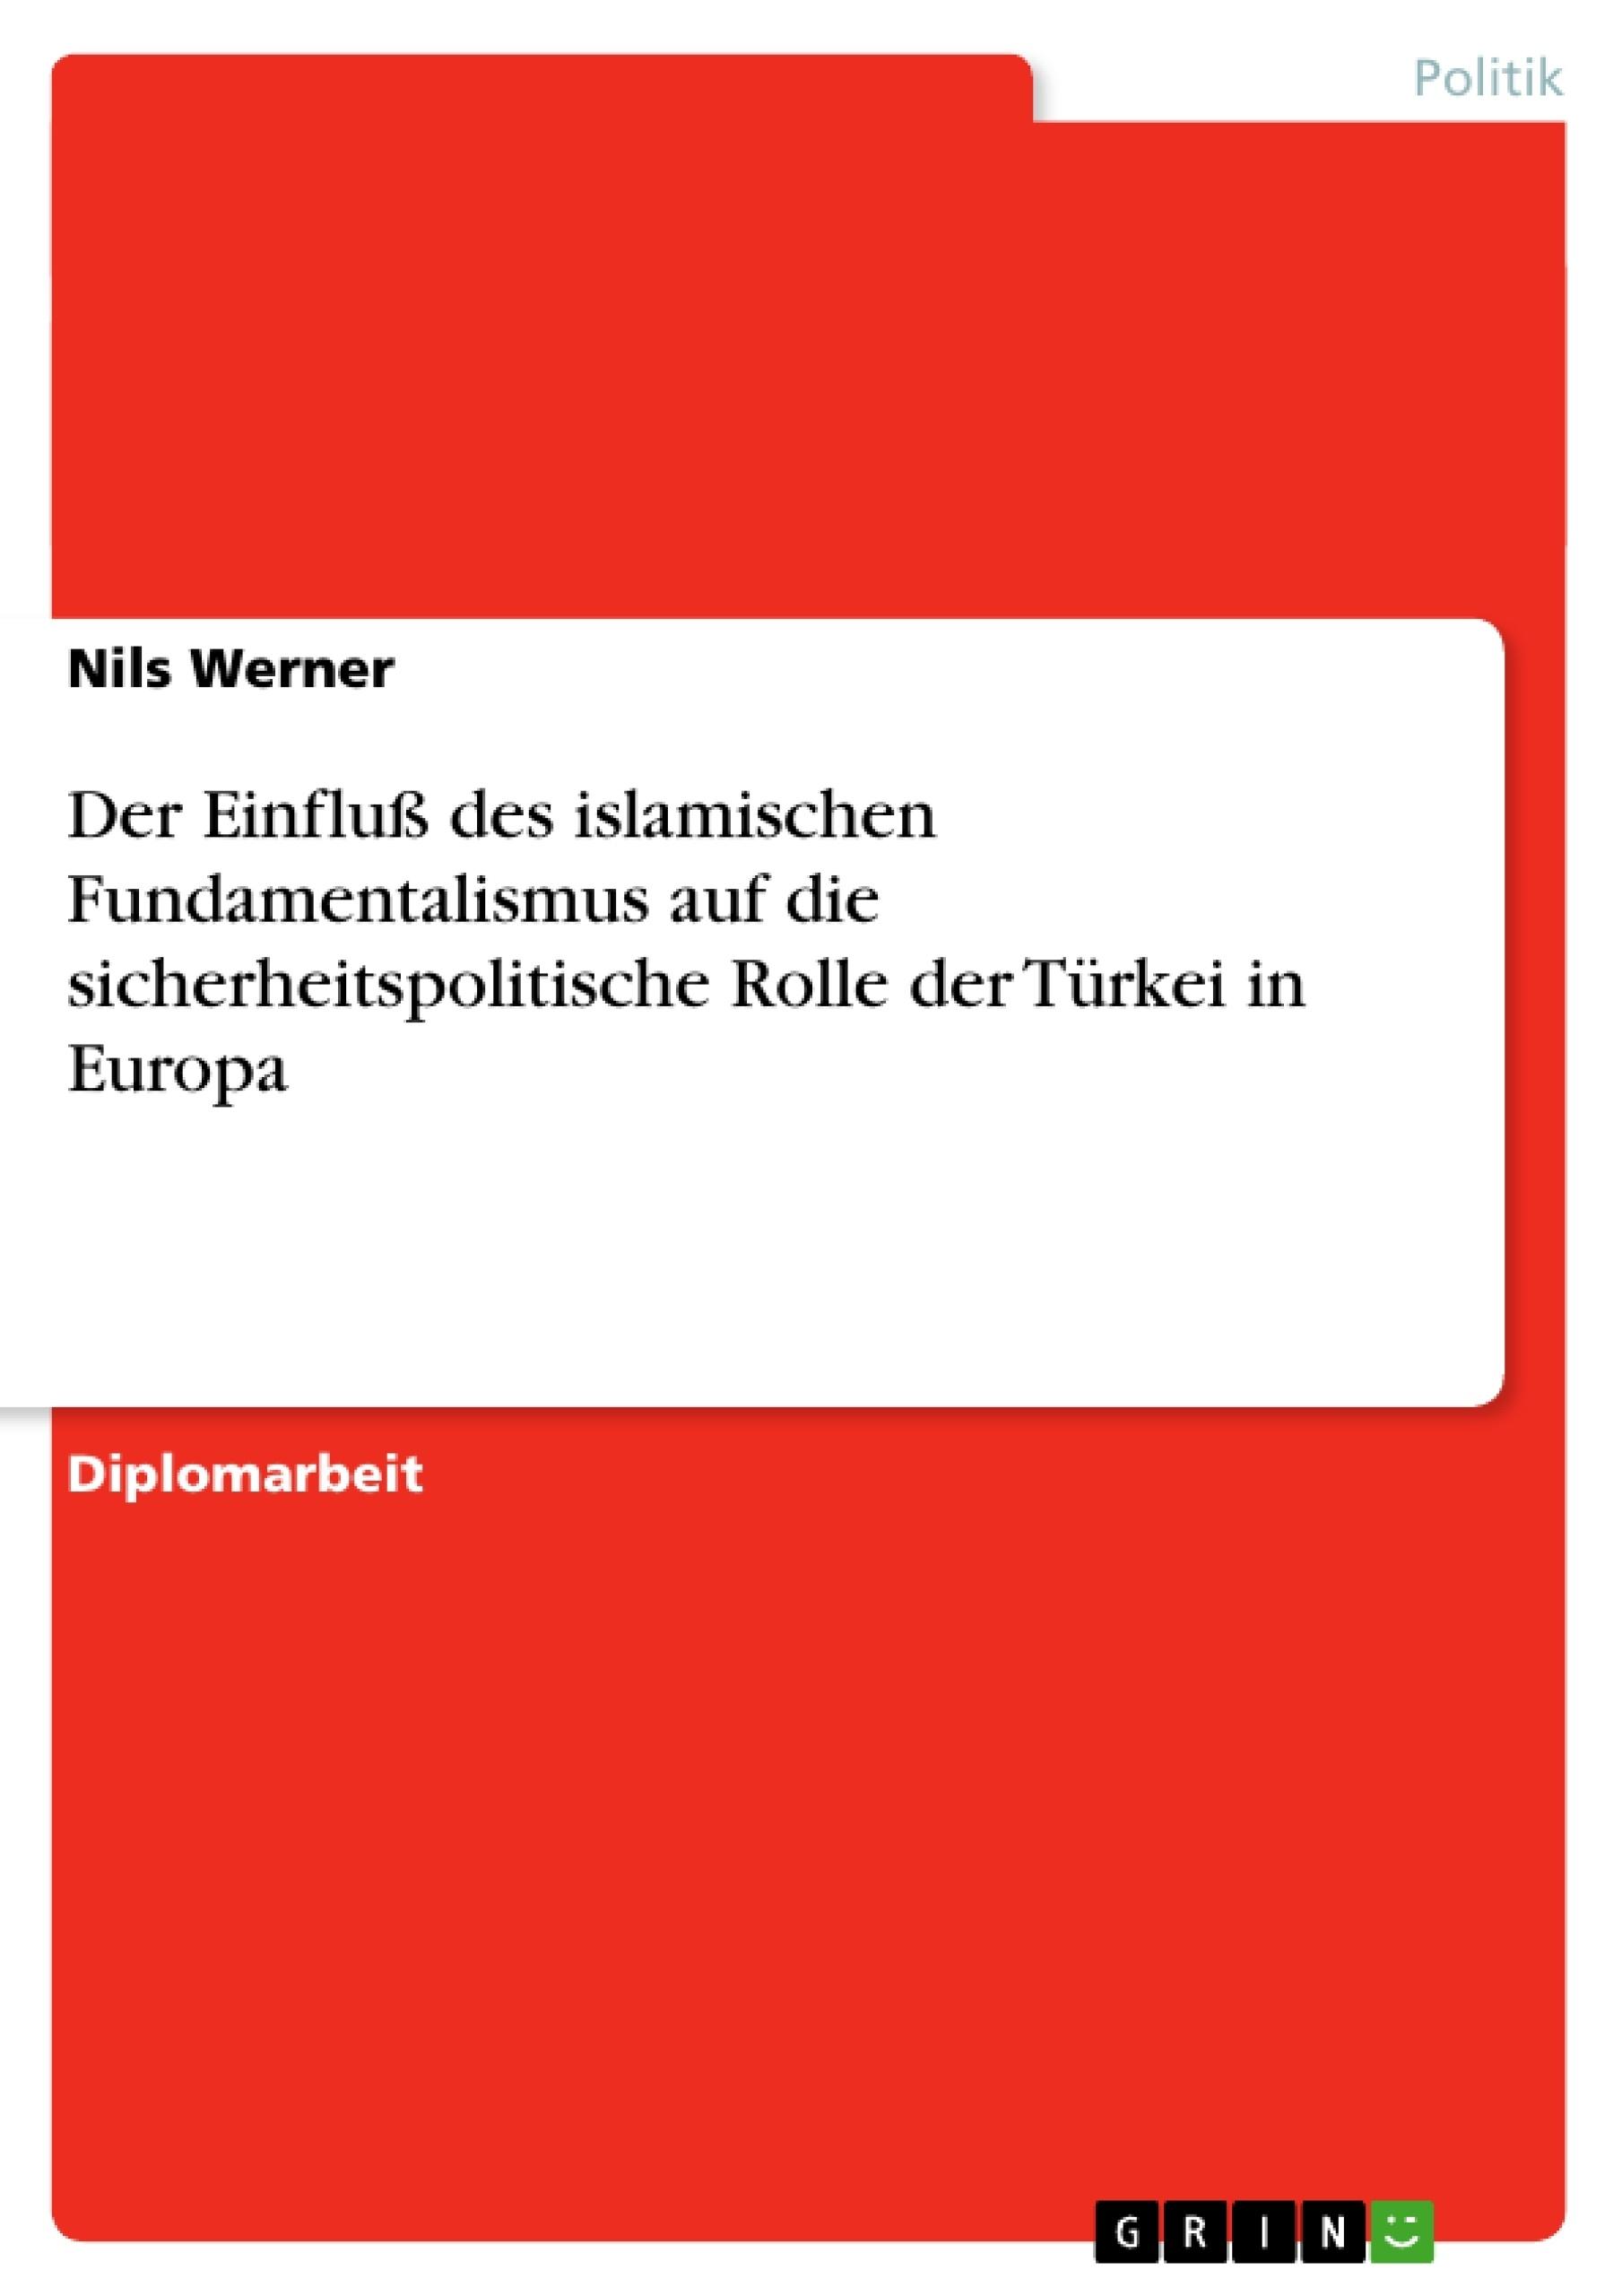 Titel: Der Einfluß des islamischen Fundamentalismus auf die sicherheitspolitische Rolle der Türkei in Europa